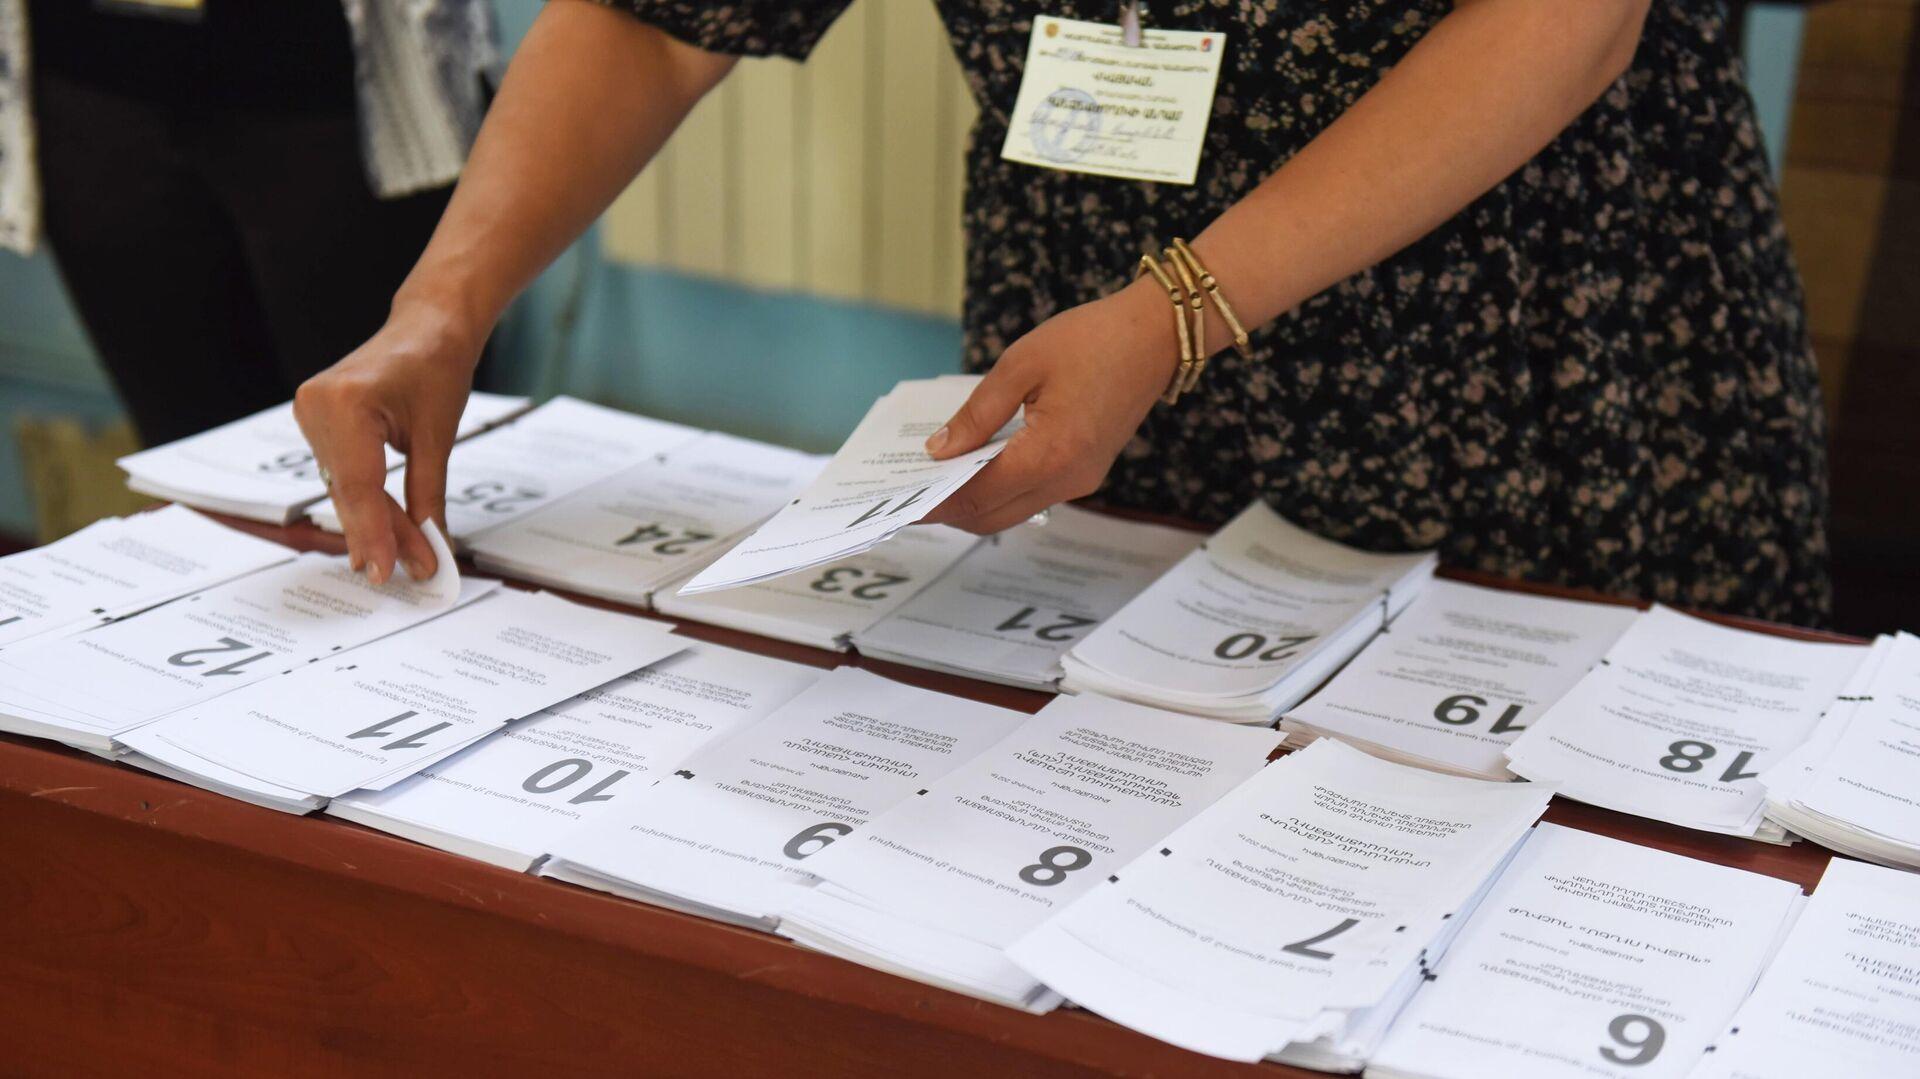 Бюллетени в одном из избирательных участков во время досрочных парламентских выборов в Армении - РИА Новости, 1920, 20.06.2021